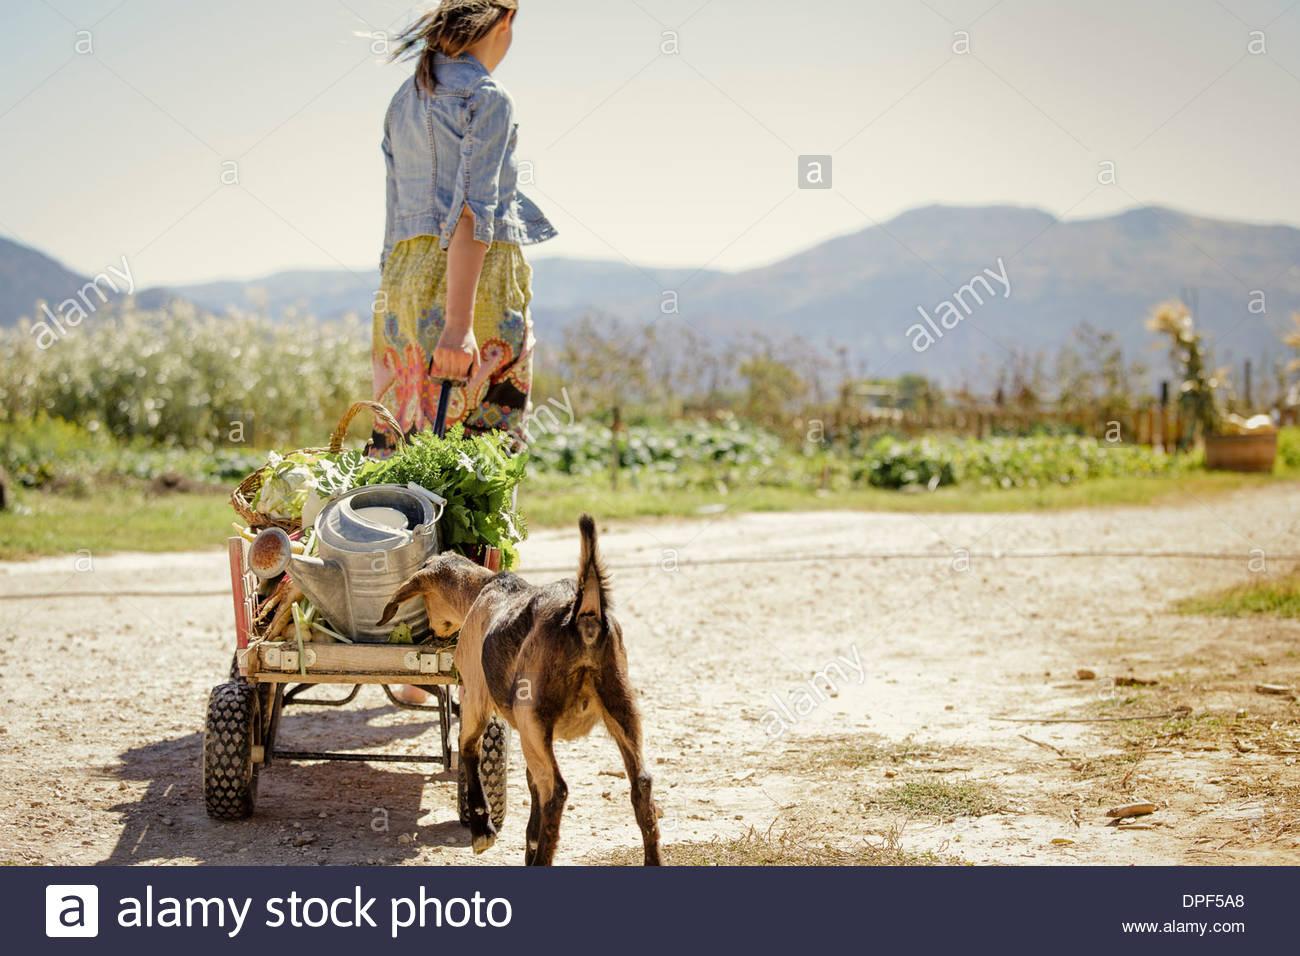 Mujer joven tirando de la granja en carreta de mano Imagen De Stock